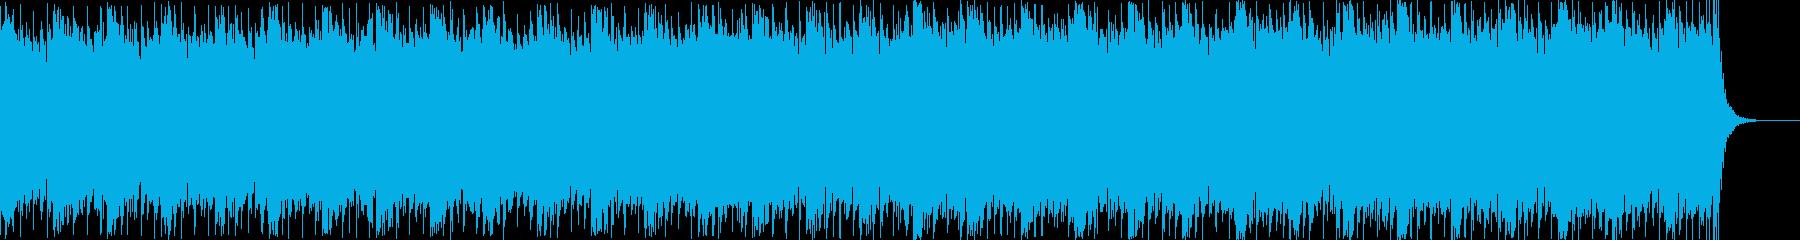 クールなデジタルサウンド、CG映像等。の再生済みの波形